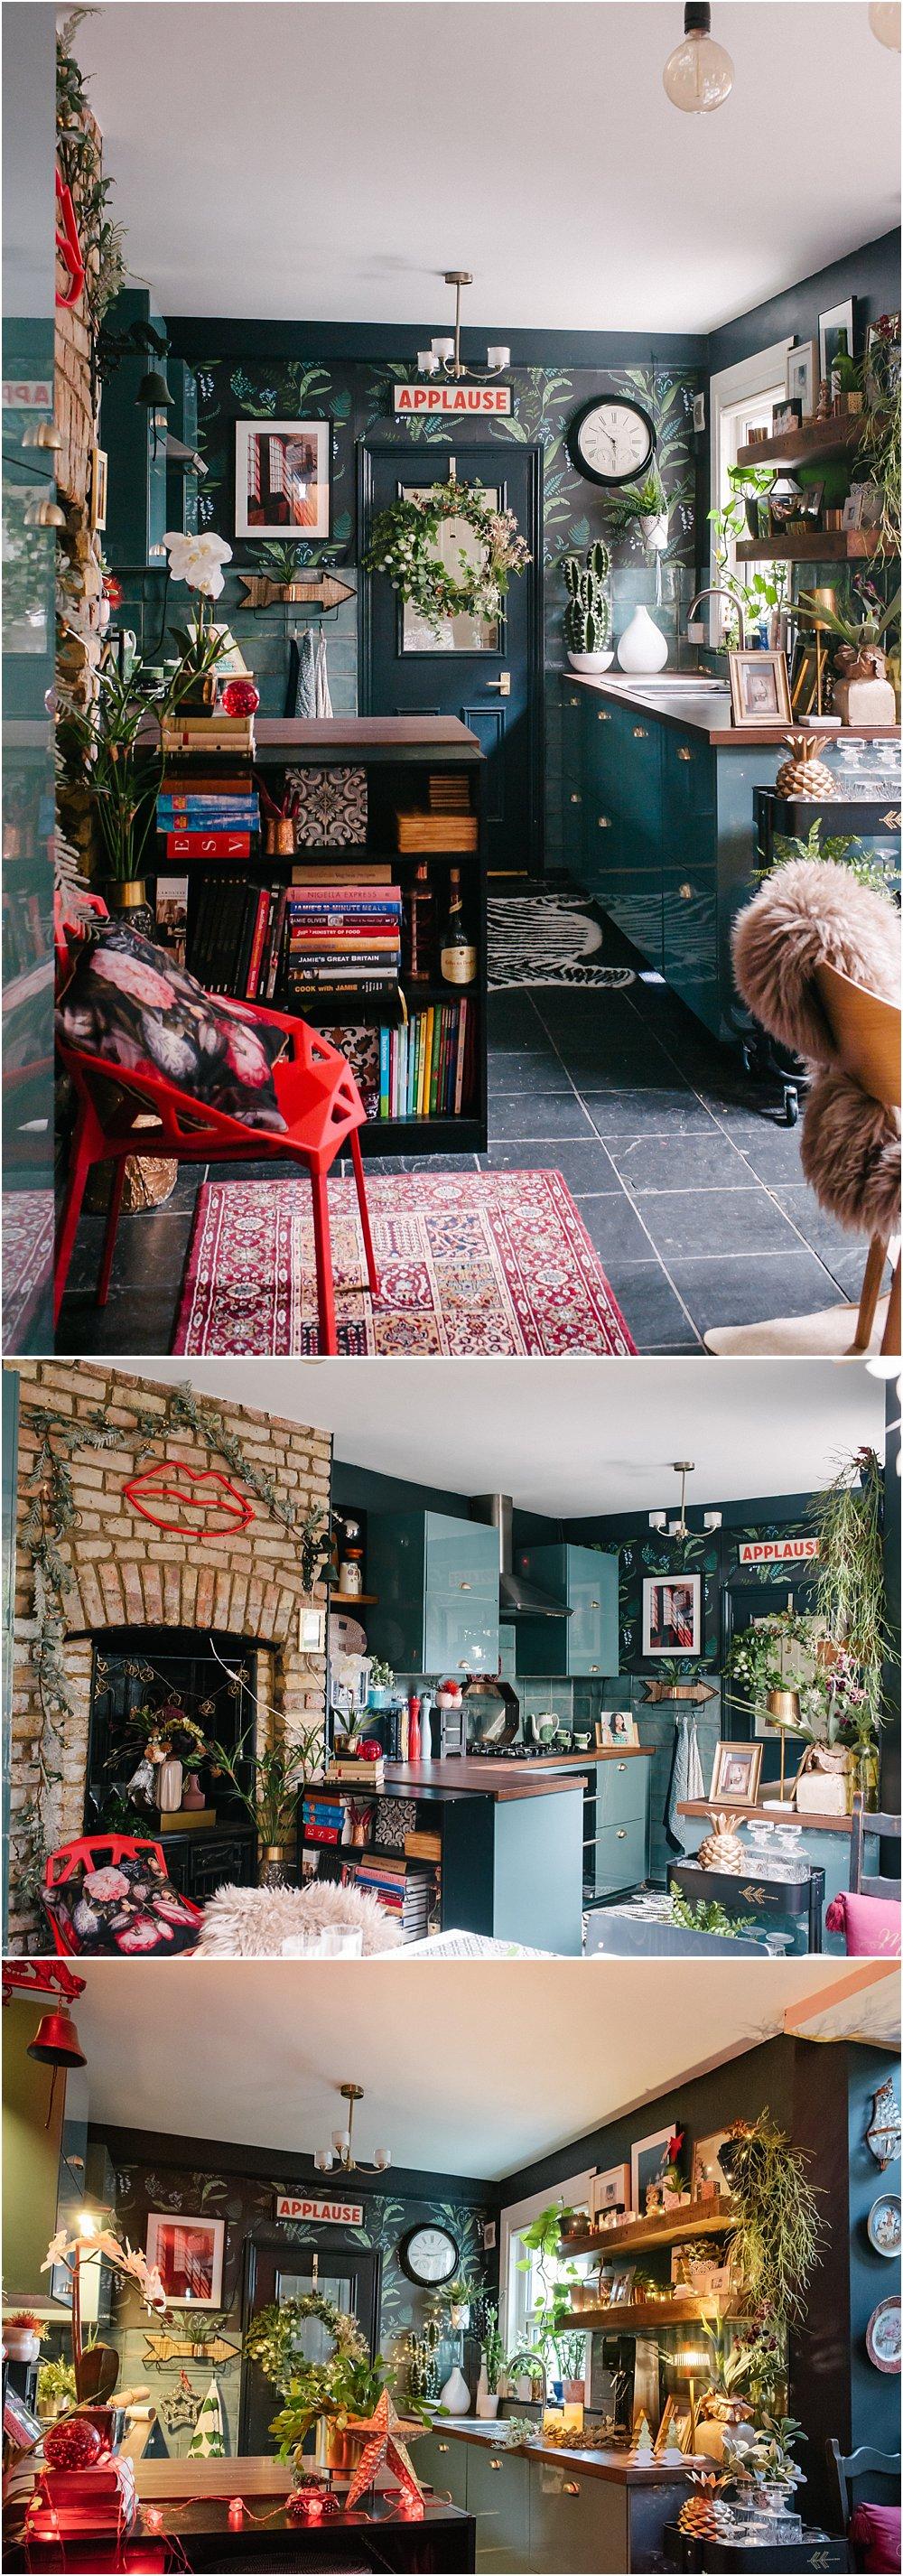 london maximalist decor by lily sawyer